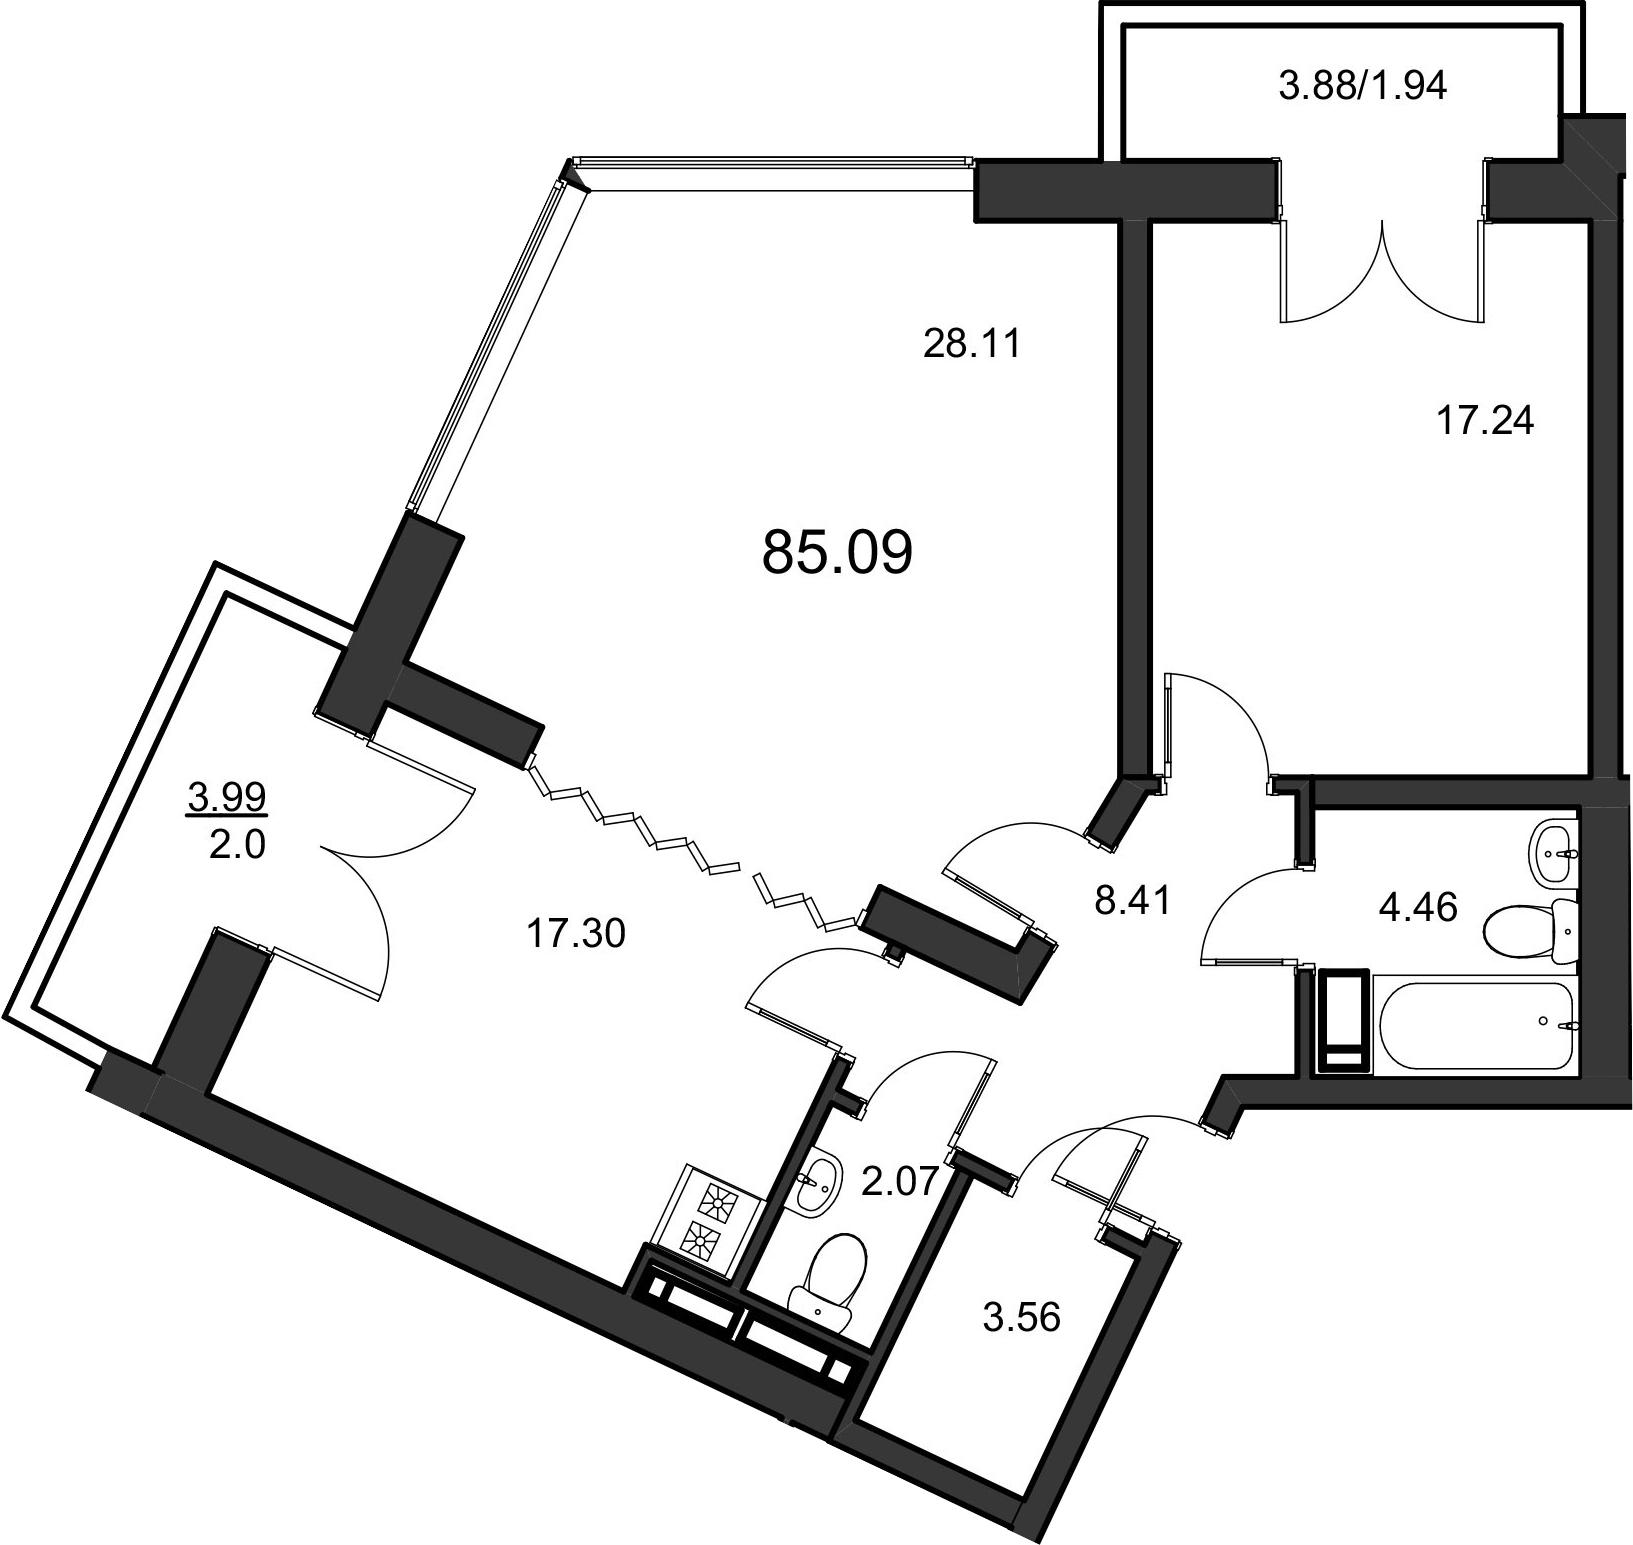 2-комнатная, 85.09 м²– 2